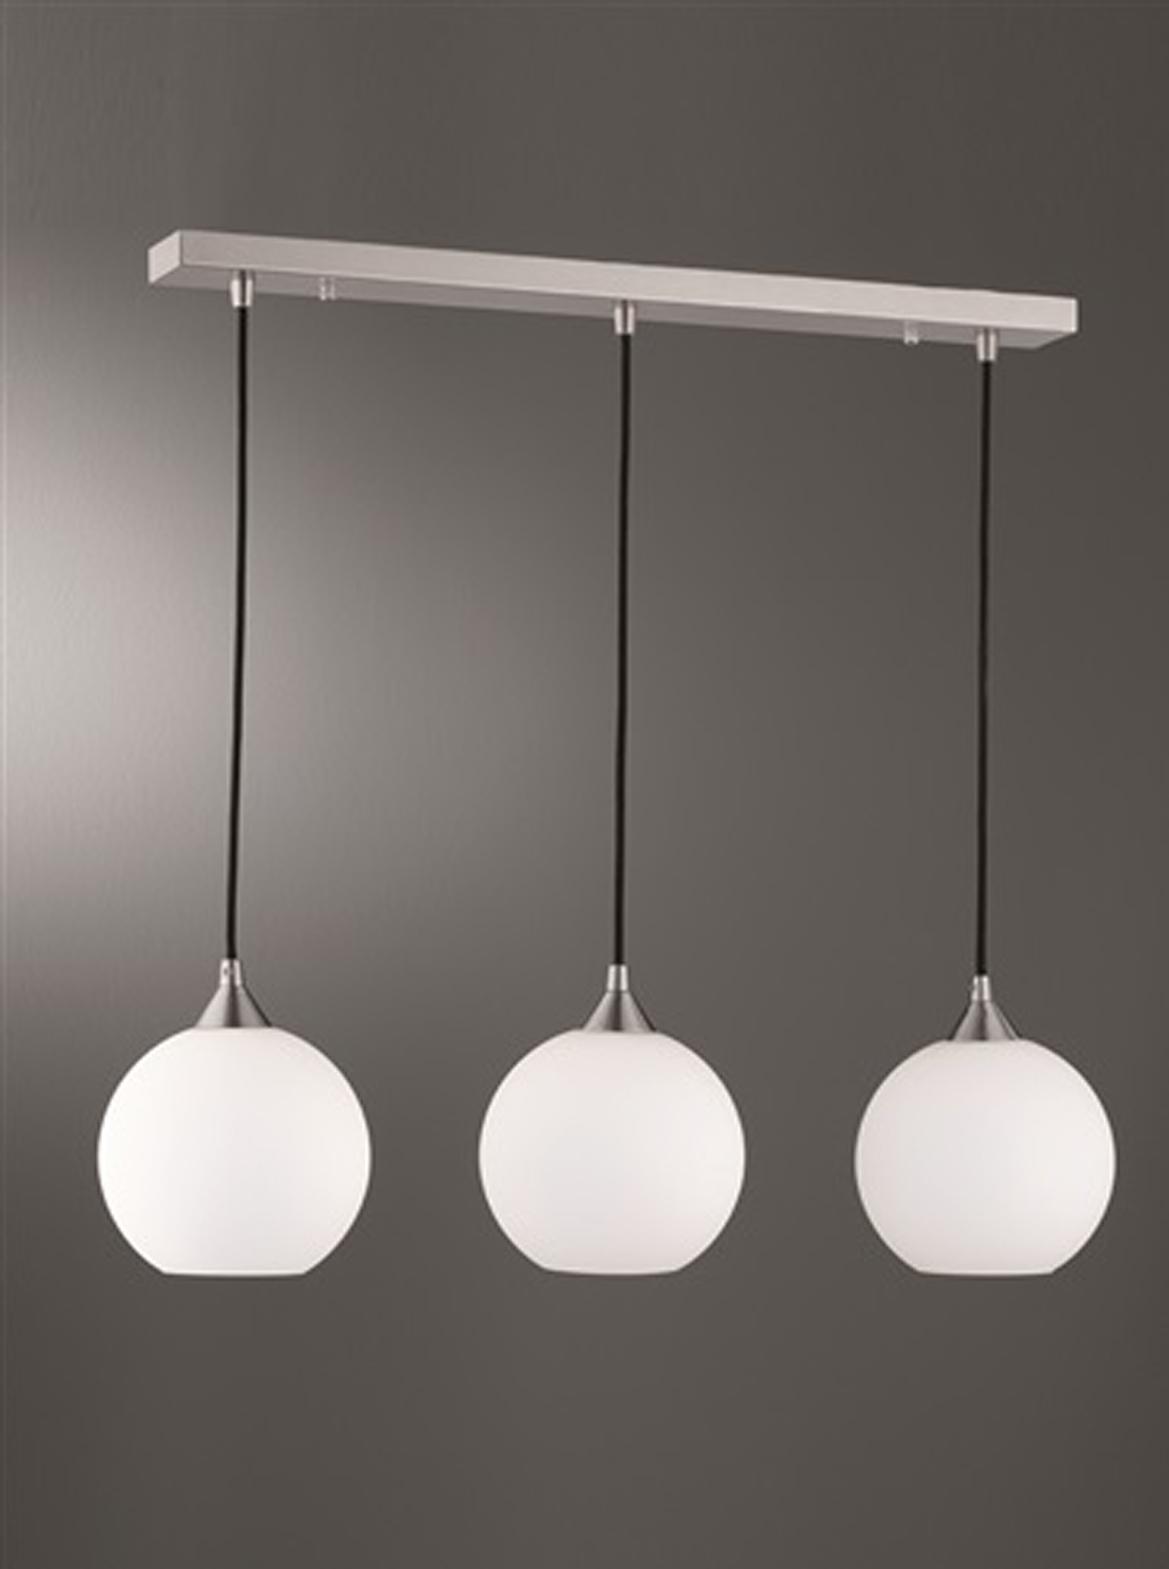 Franklite u0026#39;Vetross Iceu0026#39; 3 Light Bar Ceiling Pendant Satin Nickel - FL2290/3/986 from Easy Lighting